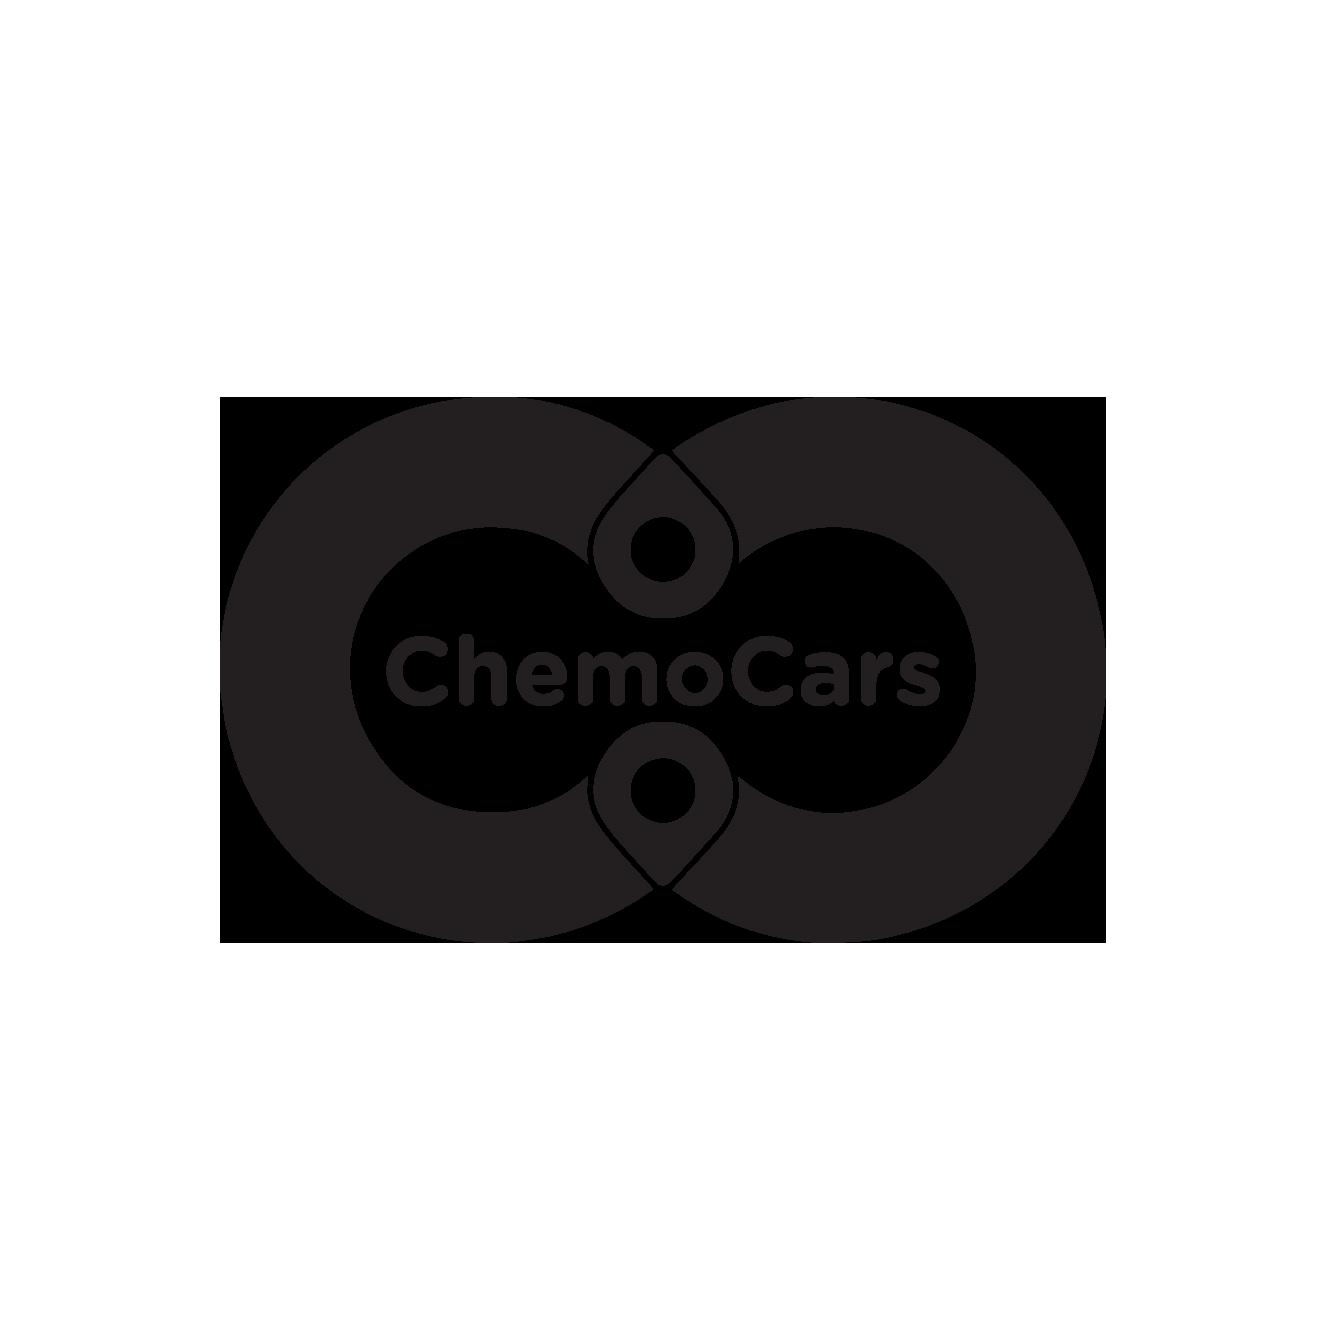 Chemocars.png